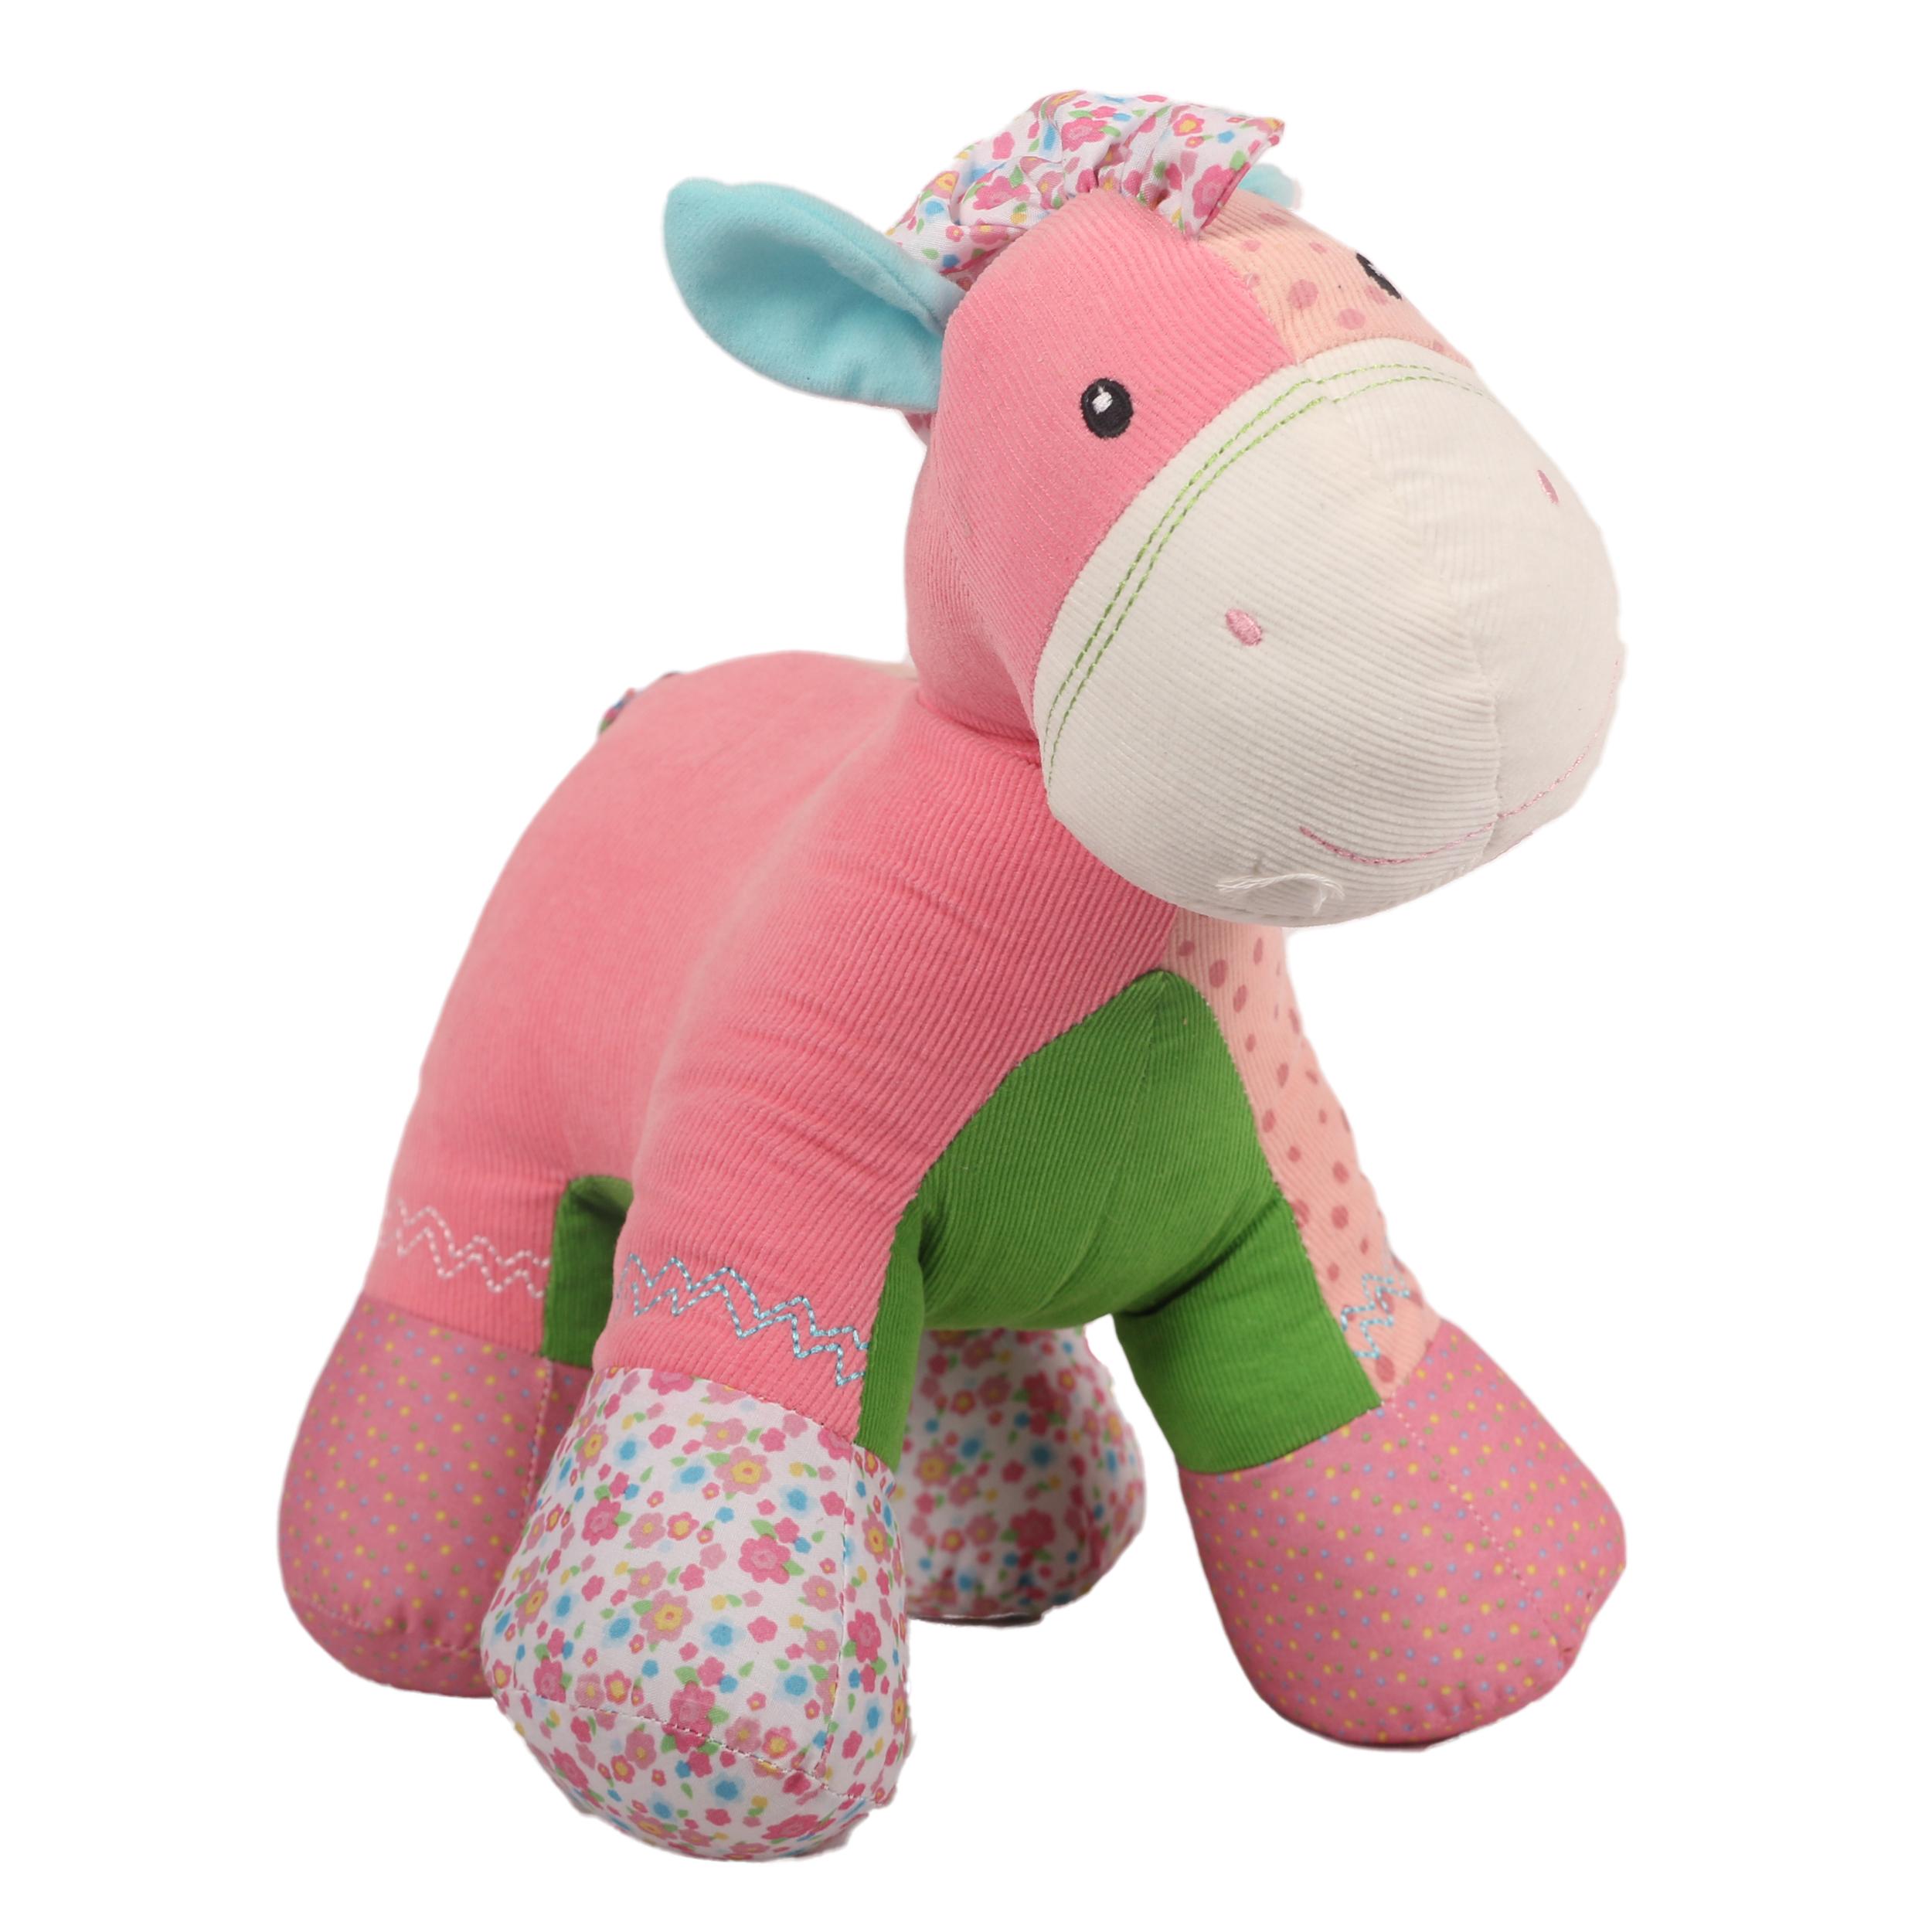 عروسک کیدزلند طرح اسب و زرافه چموش کد JU-009 ارتفاع 35 سانتی متر